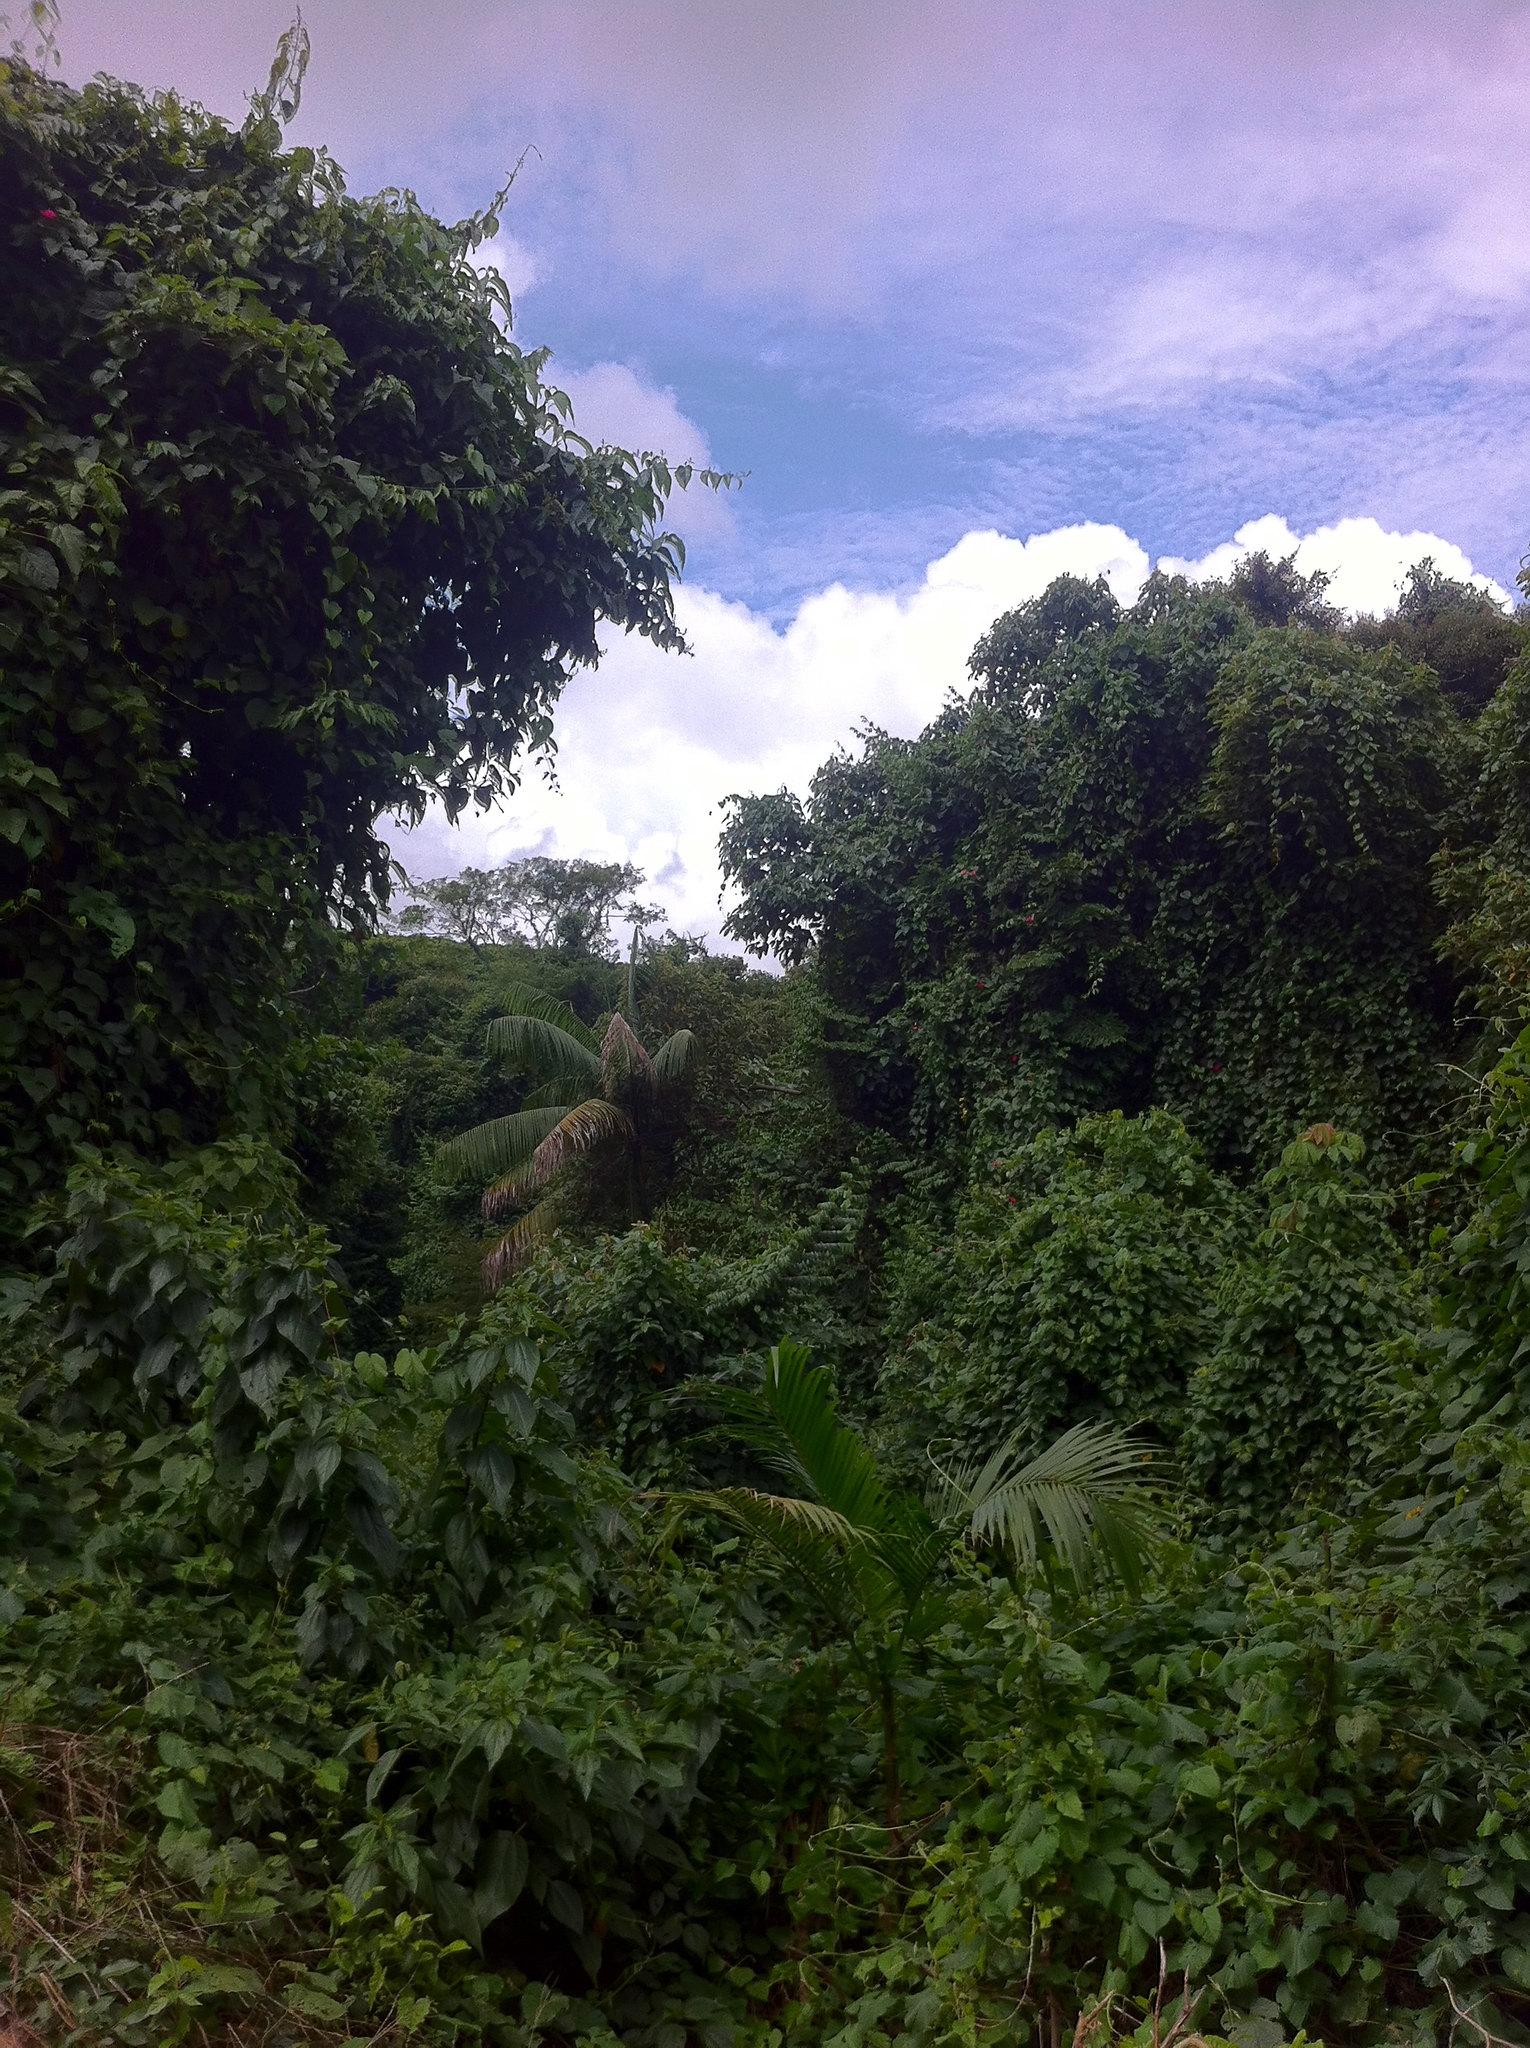 Dense vegetation.